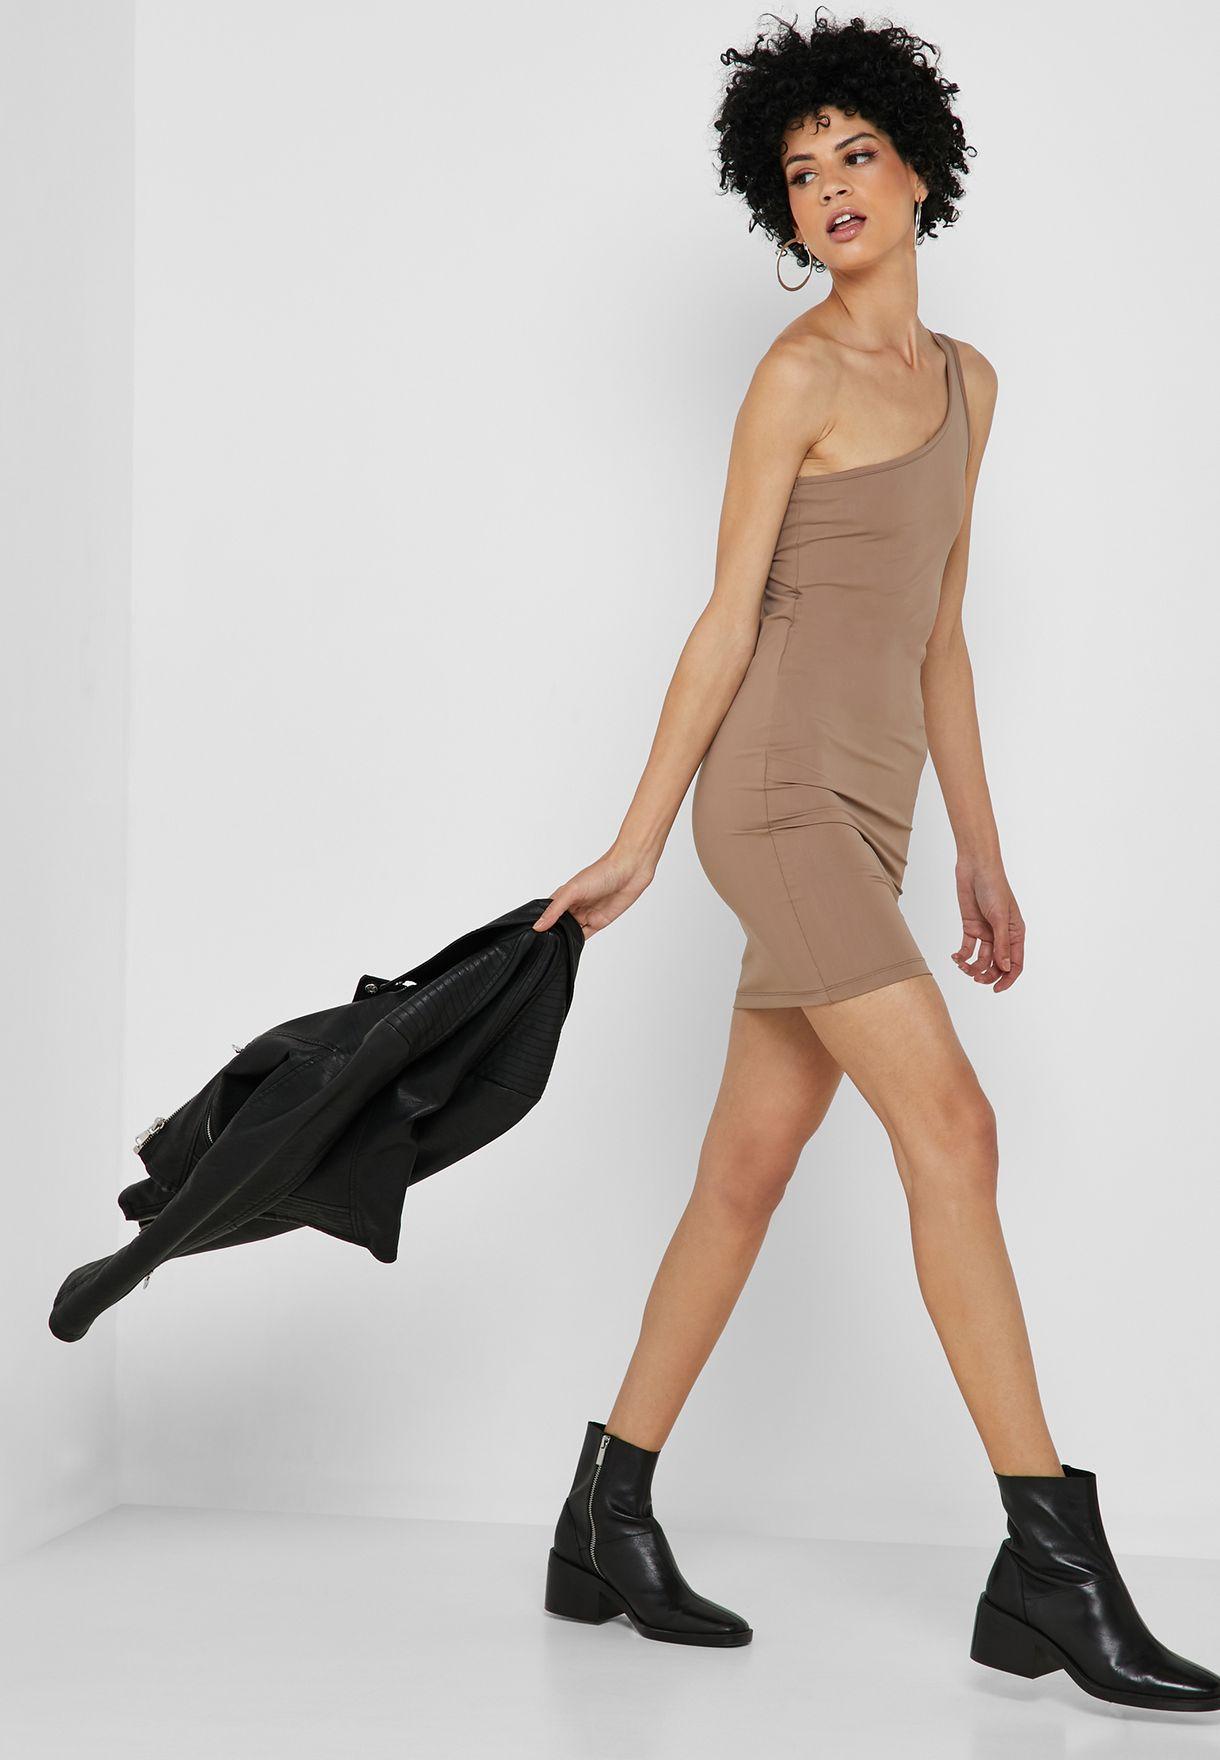 فستان بقصة ضيقة وكتف واحد